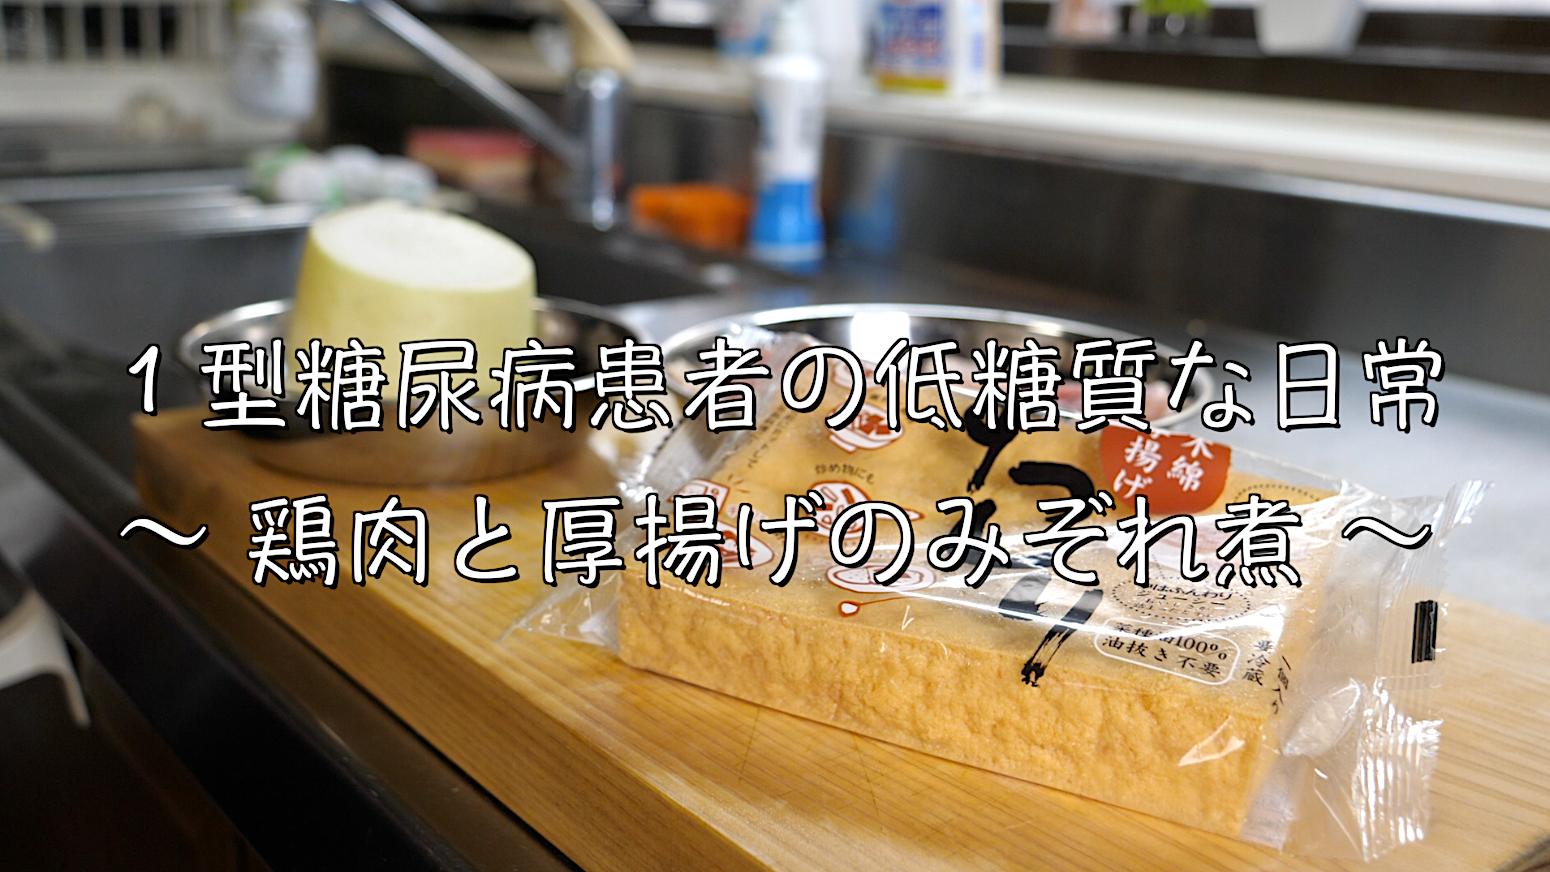 みぞれ煮 厚揚げ 糖質制限 レシピ